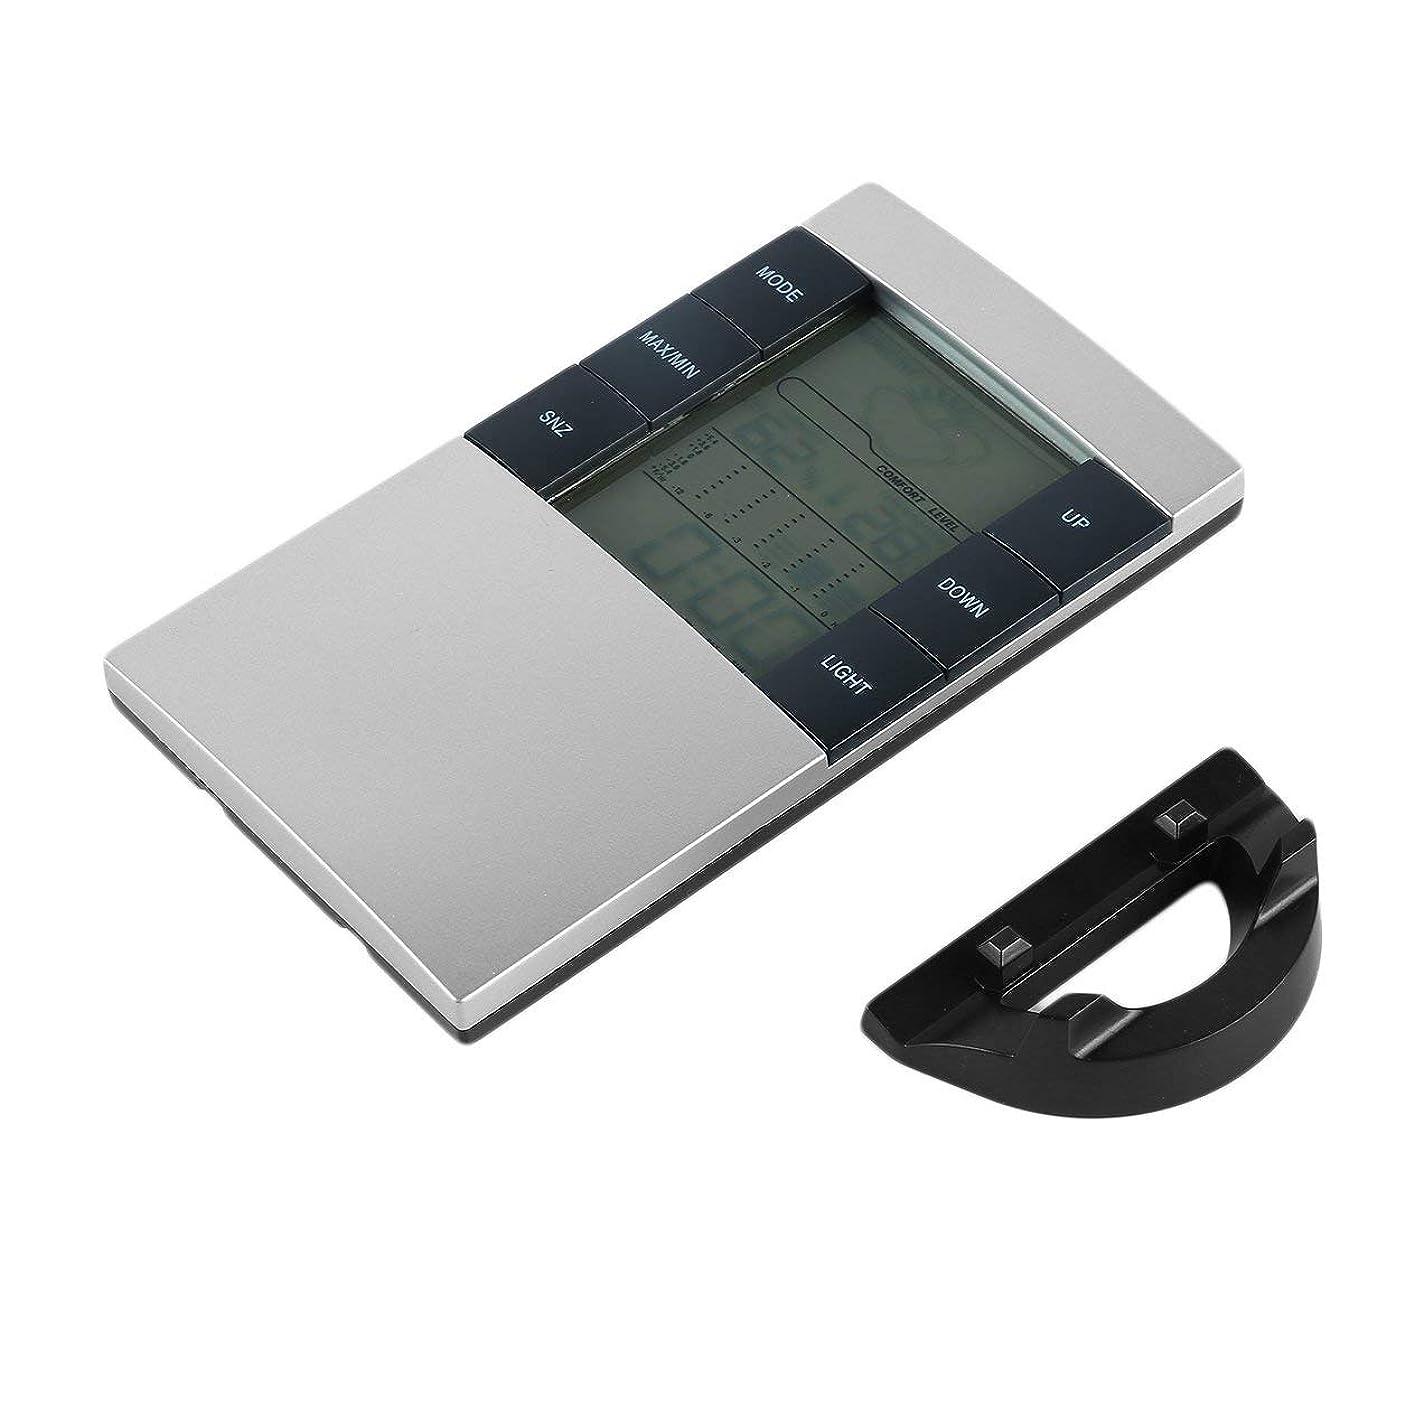 看板蜂風味Saikogoods デジタルLCD温度計湿度計 電子室内温度湿度モニター時計天気駅ホームアプリケーション シルバー&ブラック